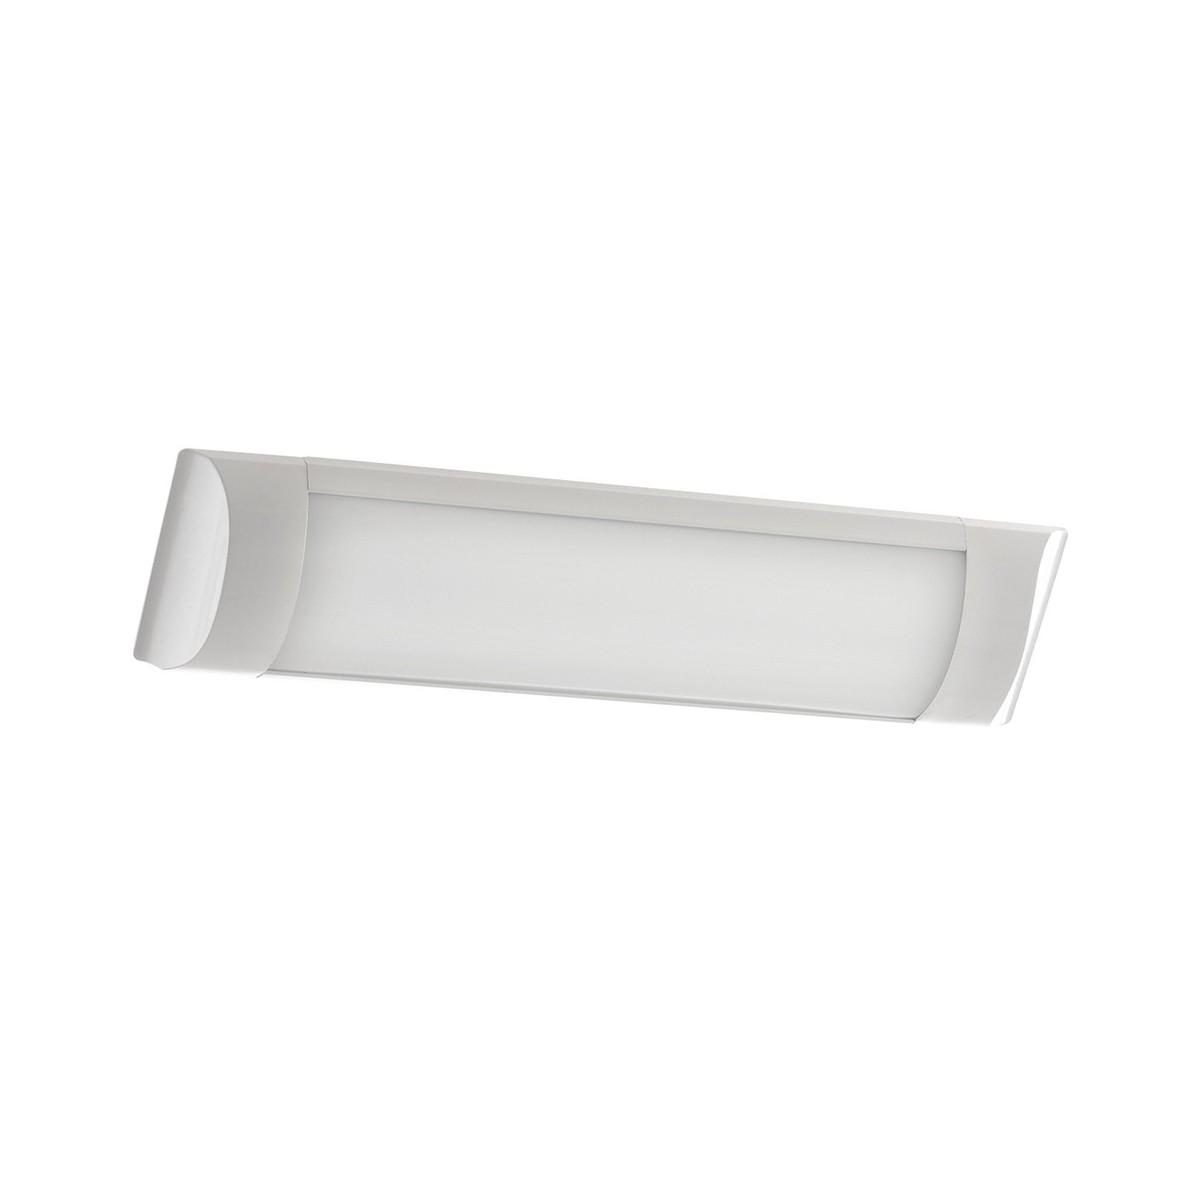 Lampe sous suspension blanche Led